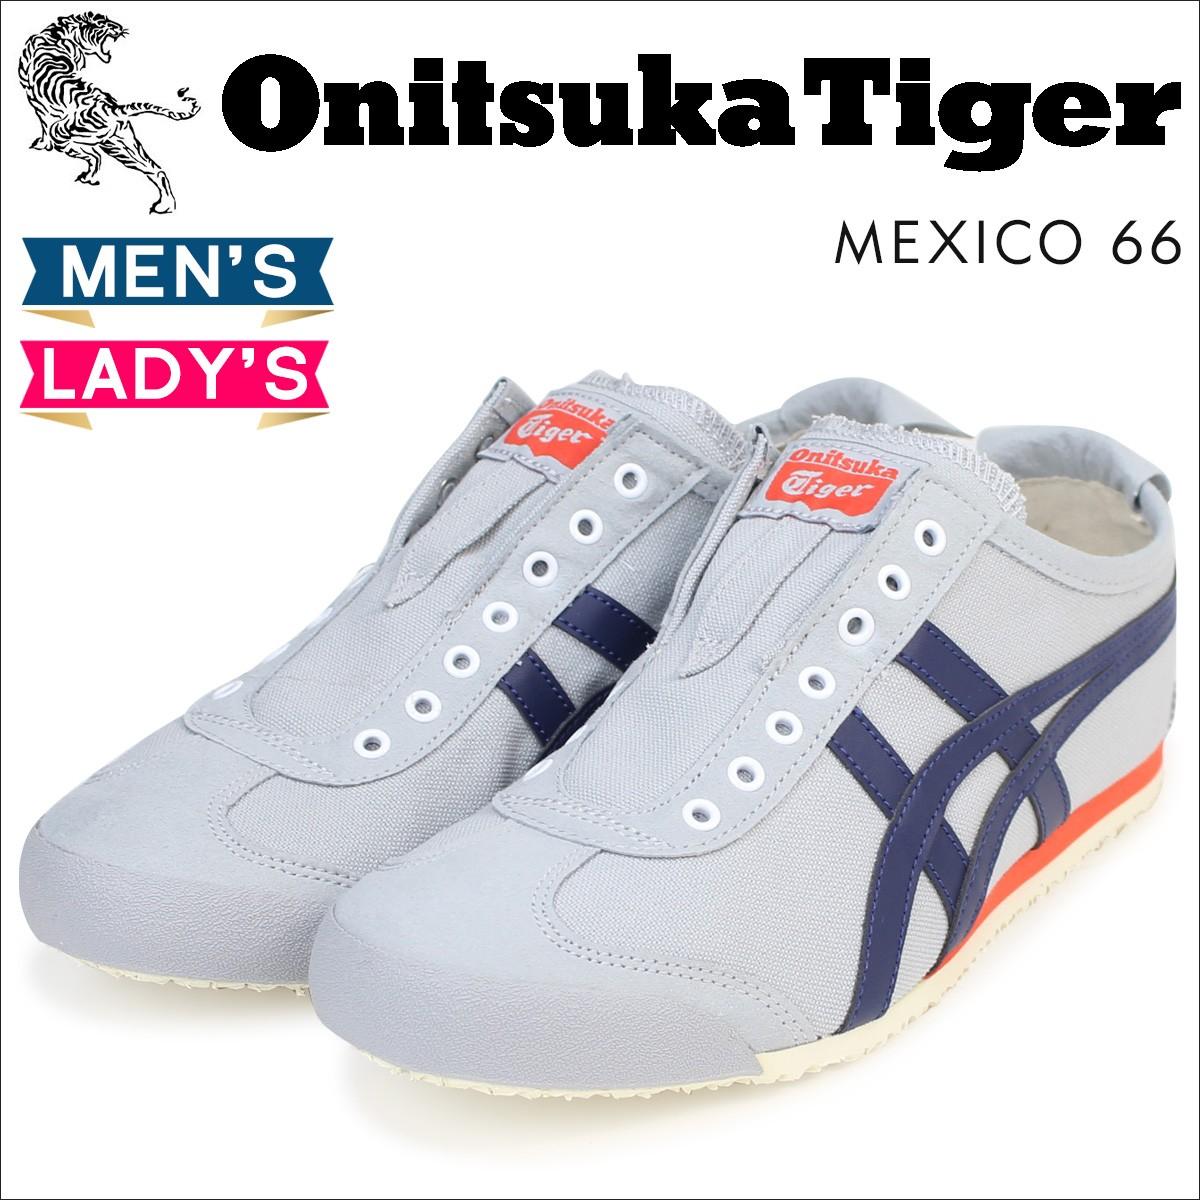 オニツカタイガー メキシコ66 スリッポン Onitsuka Tiger メンズ レディース スニーカー MEXICO 66 SLIP ON D3K0N 9649 靴 グレー [3/7 新入荷]